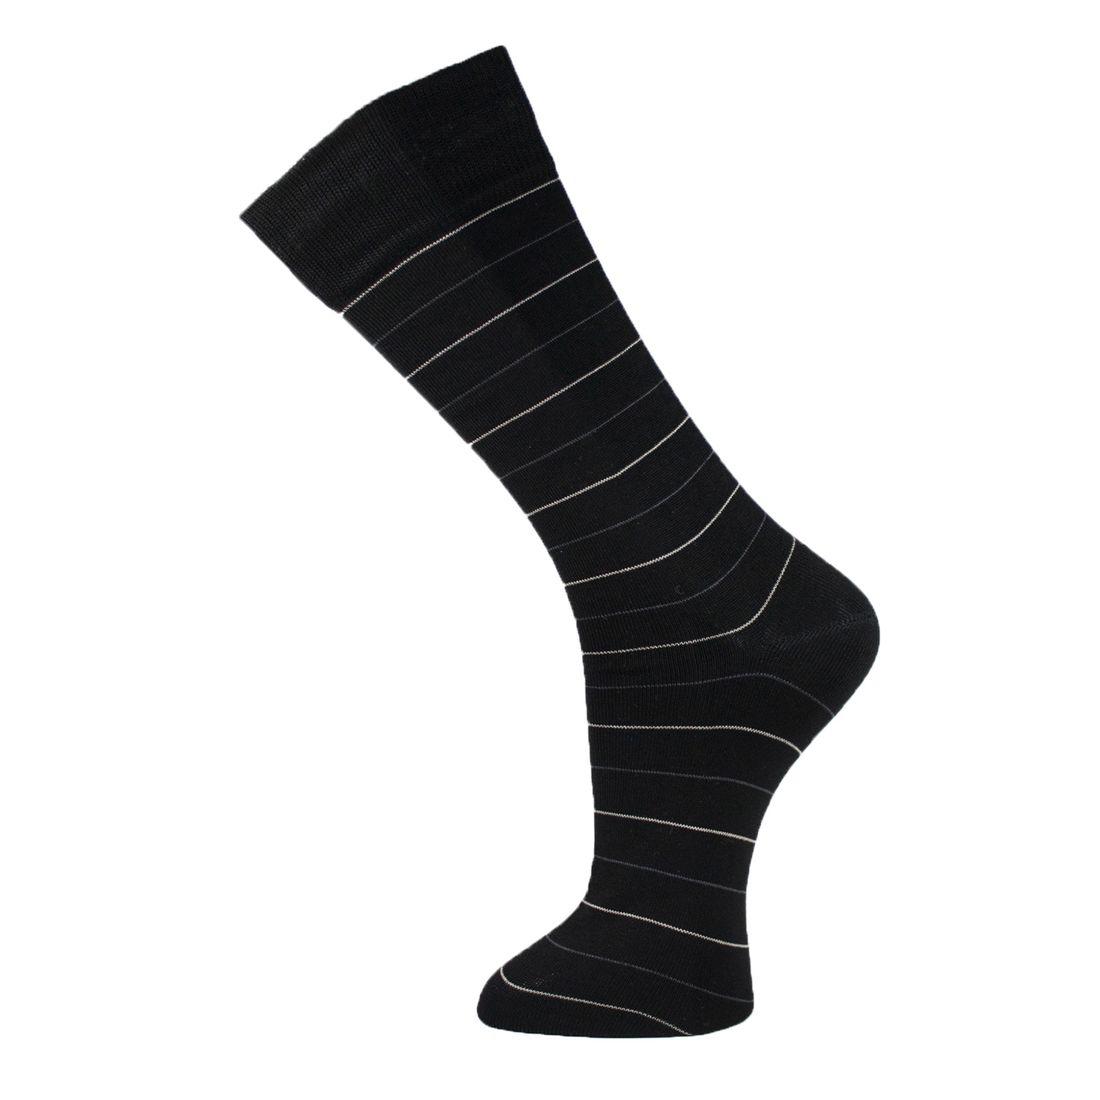 Afbeelding van Effio sokken travel no. 608 heren